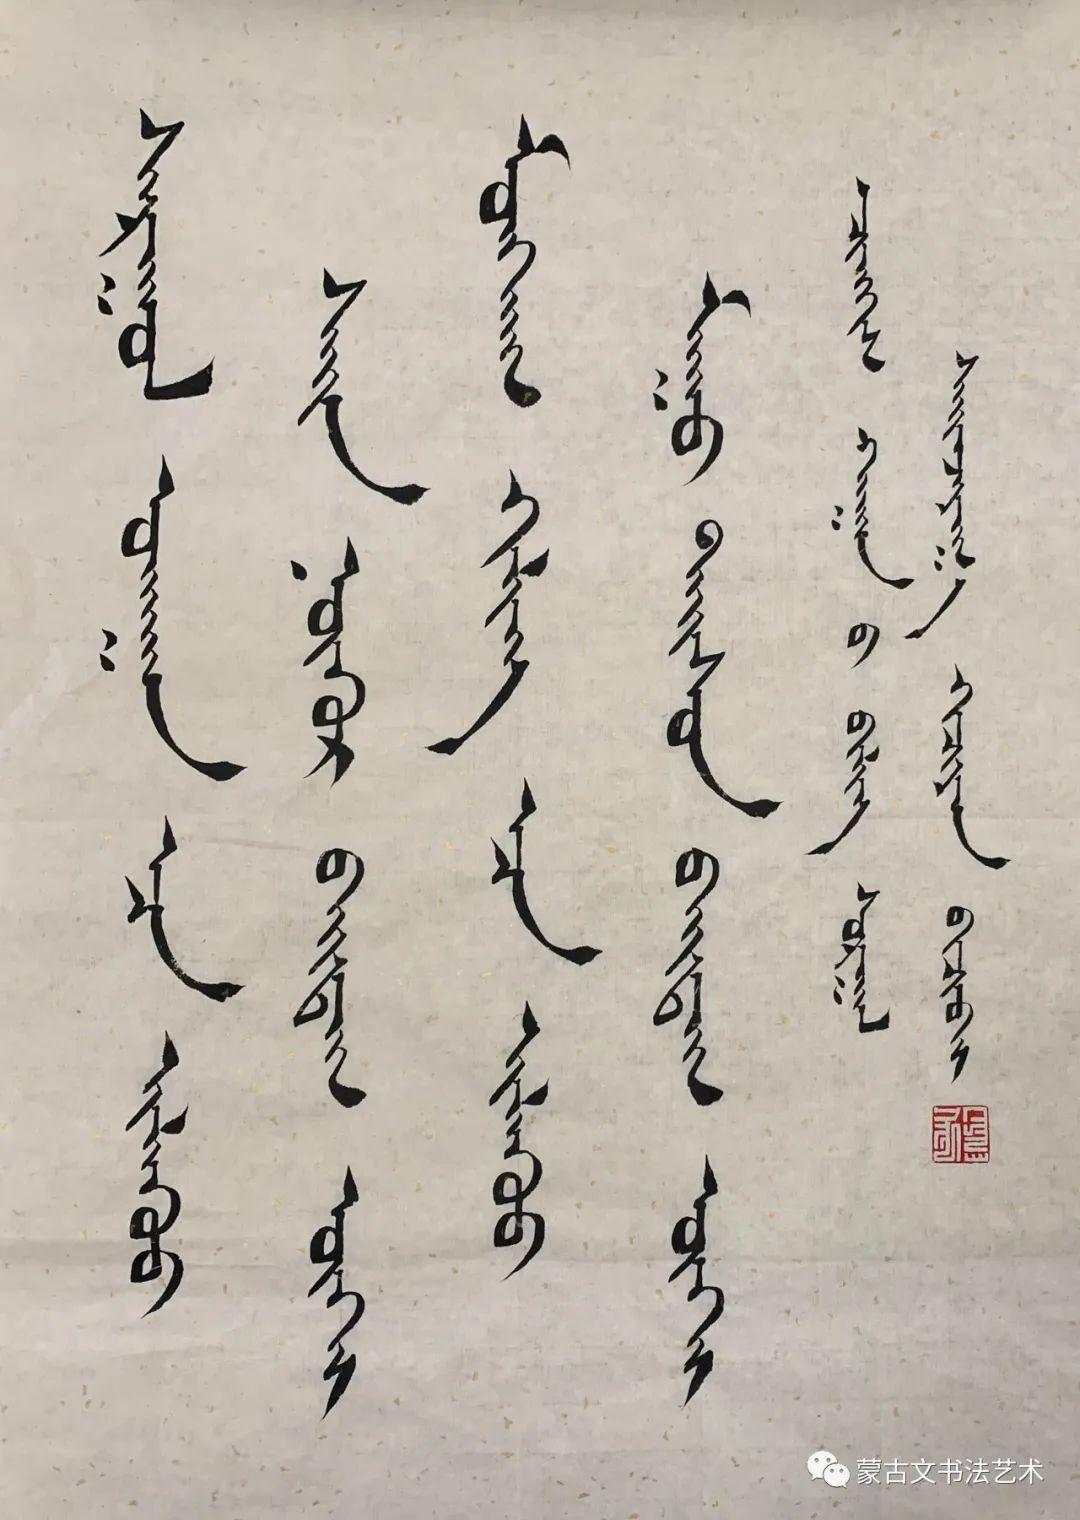 赛音吉雅楷书作品欣赏 第8张